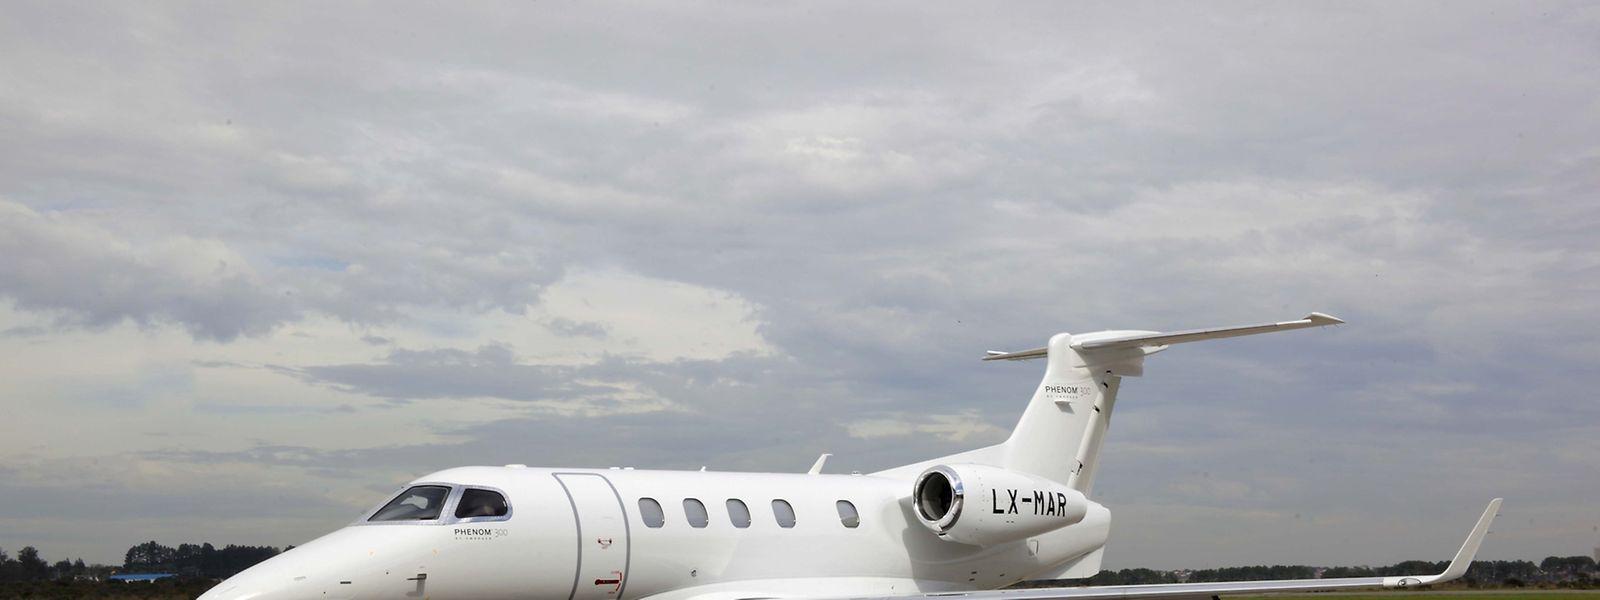 Zusammen haben die Phenom-300-Jets über 200.000 Flugstunden ansammeln können.